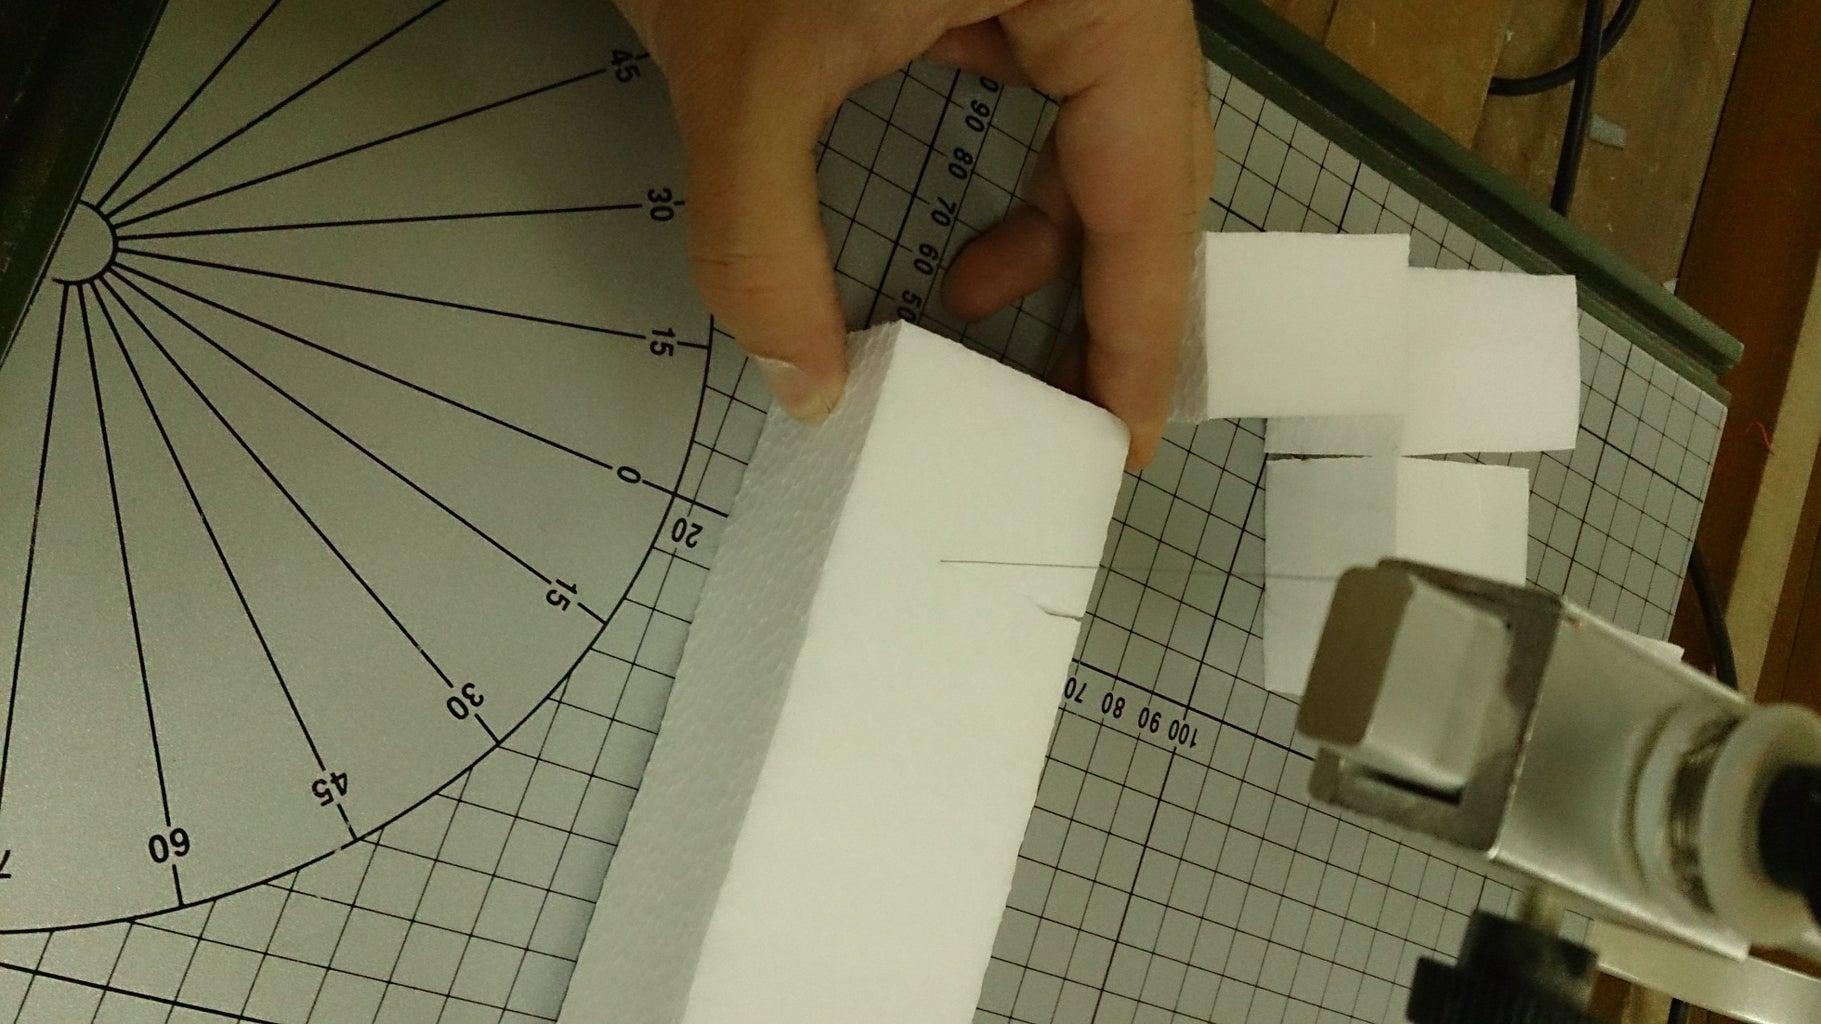 Styrofoam Cubes